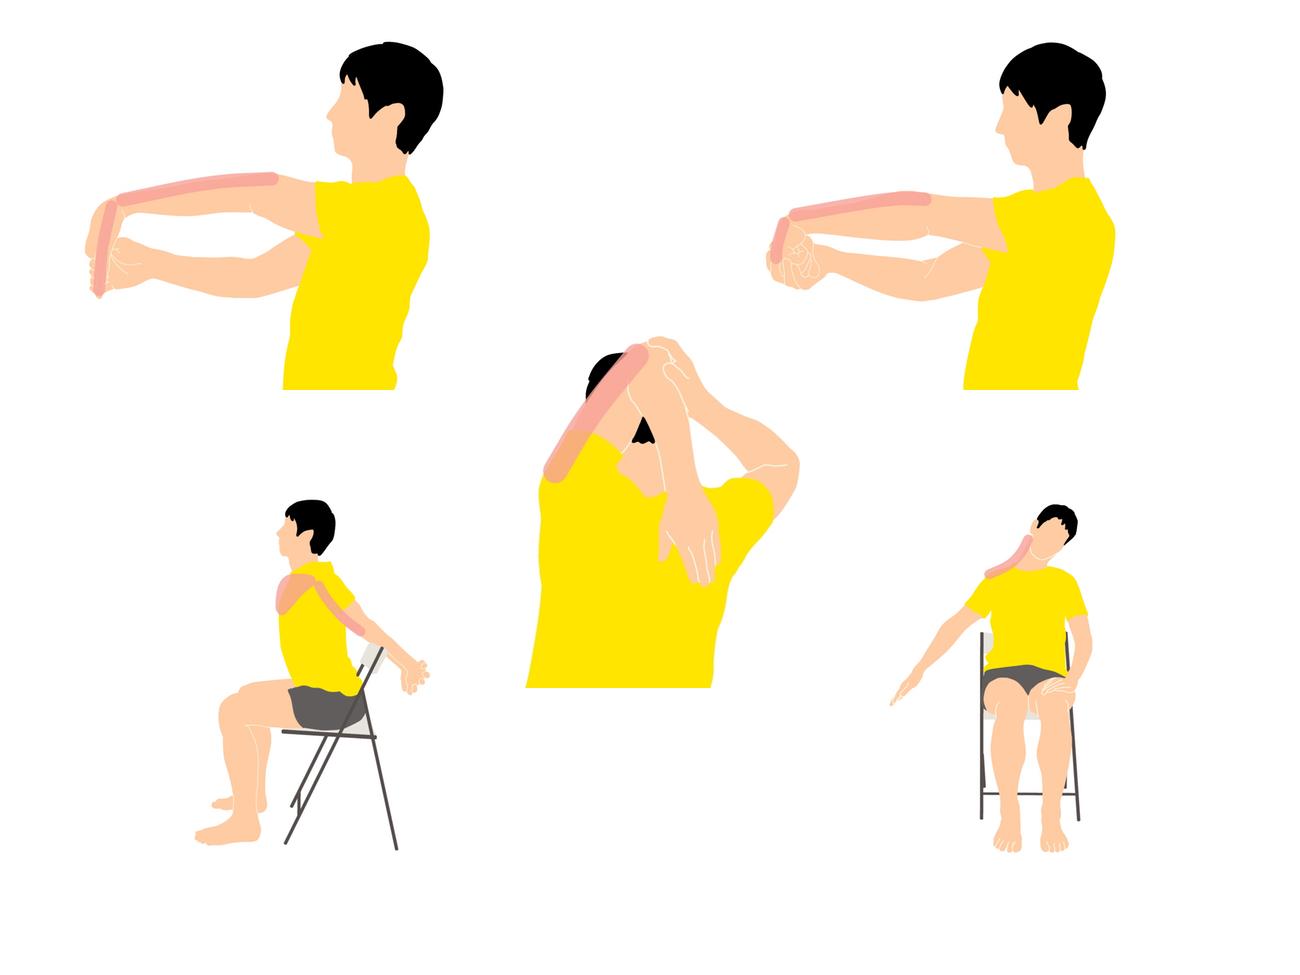 腱鞘炎を予防するための腕と手首のストレッチプログラム(5種目)